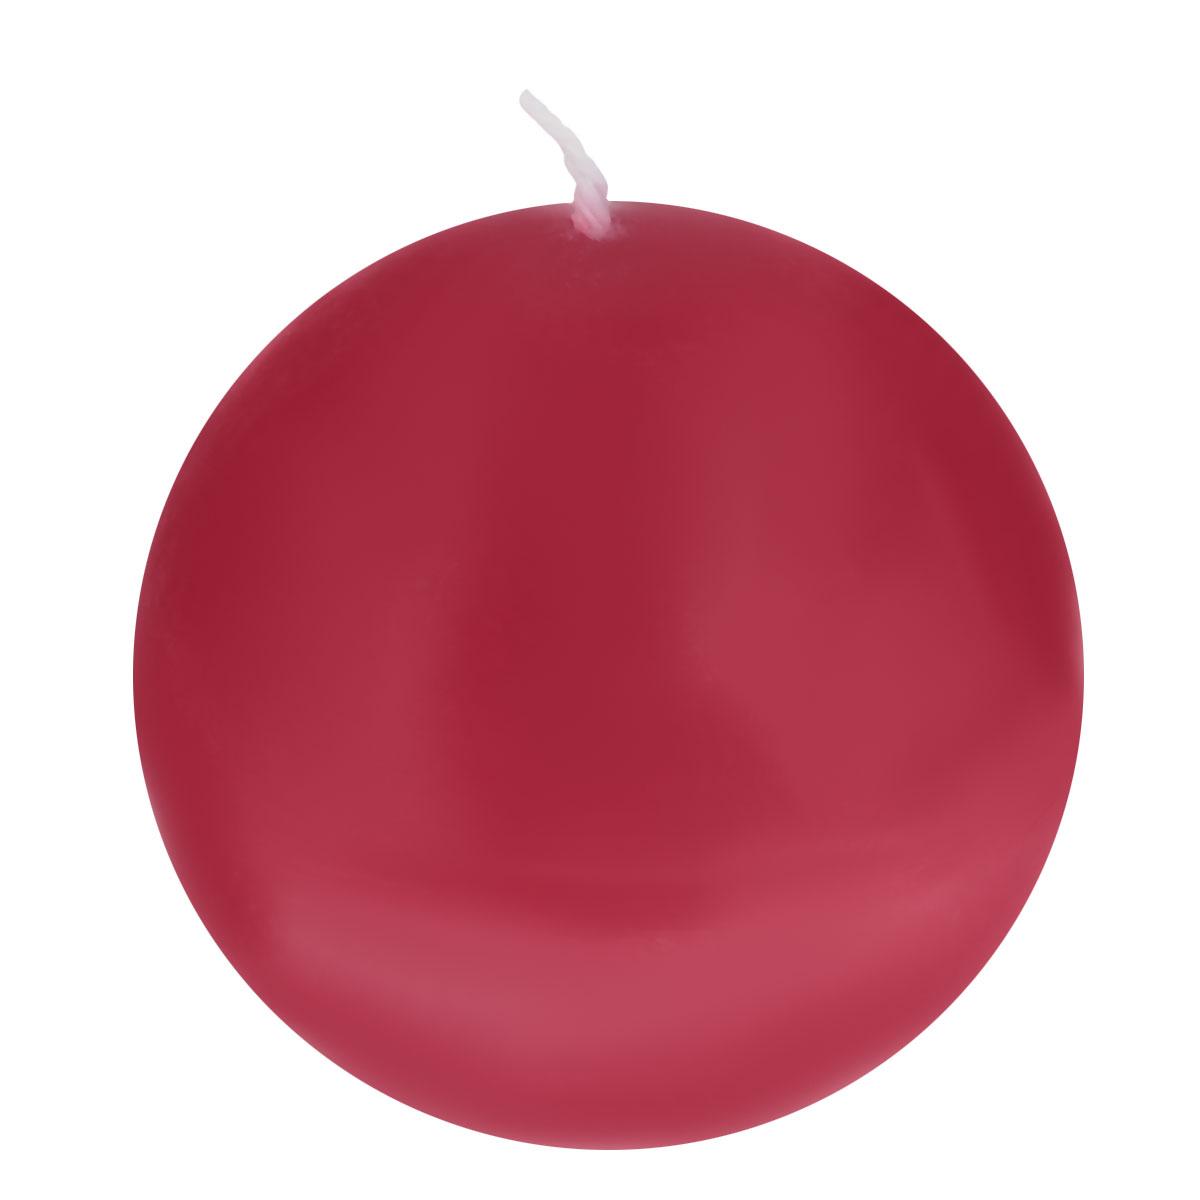 Свеча декоративная Proffi Шар, цвет: бордовый, диаметр 7,5 смPH3456Шарообразная декоративная свеча Proffi Шар изготовлена из парафина, стеарина. Предназначена для освещения и украшения помещений. Такая свеча может стать отличным подарком или дополнить интерьер вашей спальни или гостиной.